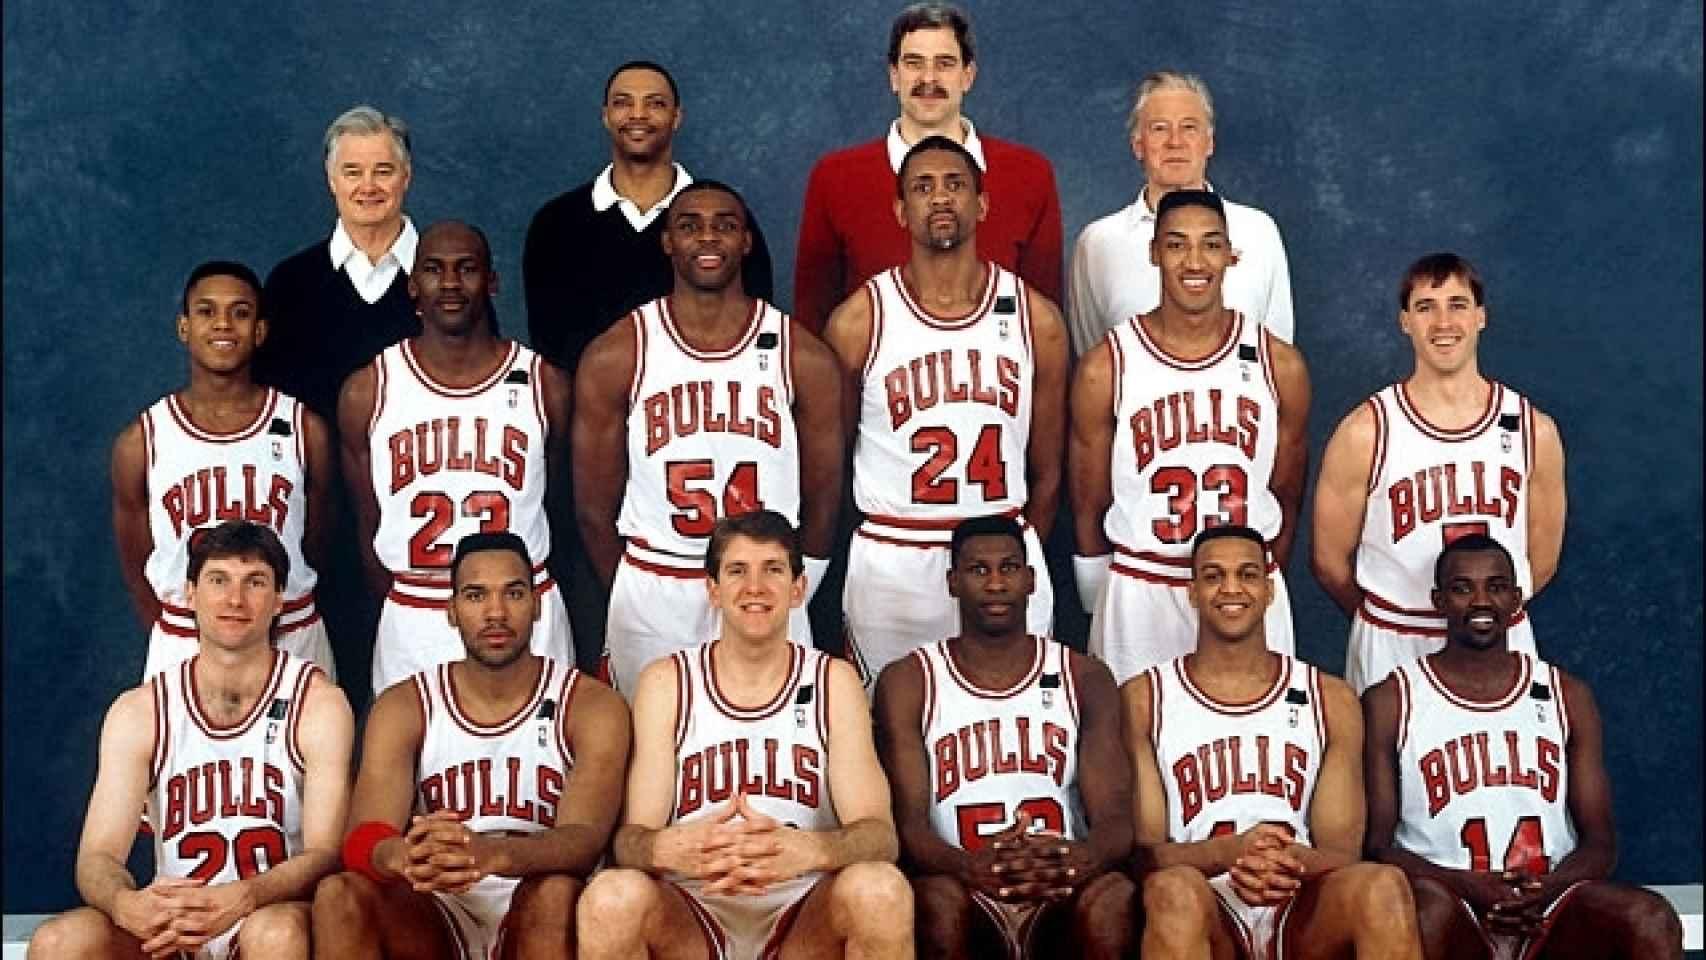 Plantilla de los Chicago Bulls del curso 1991/1992.